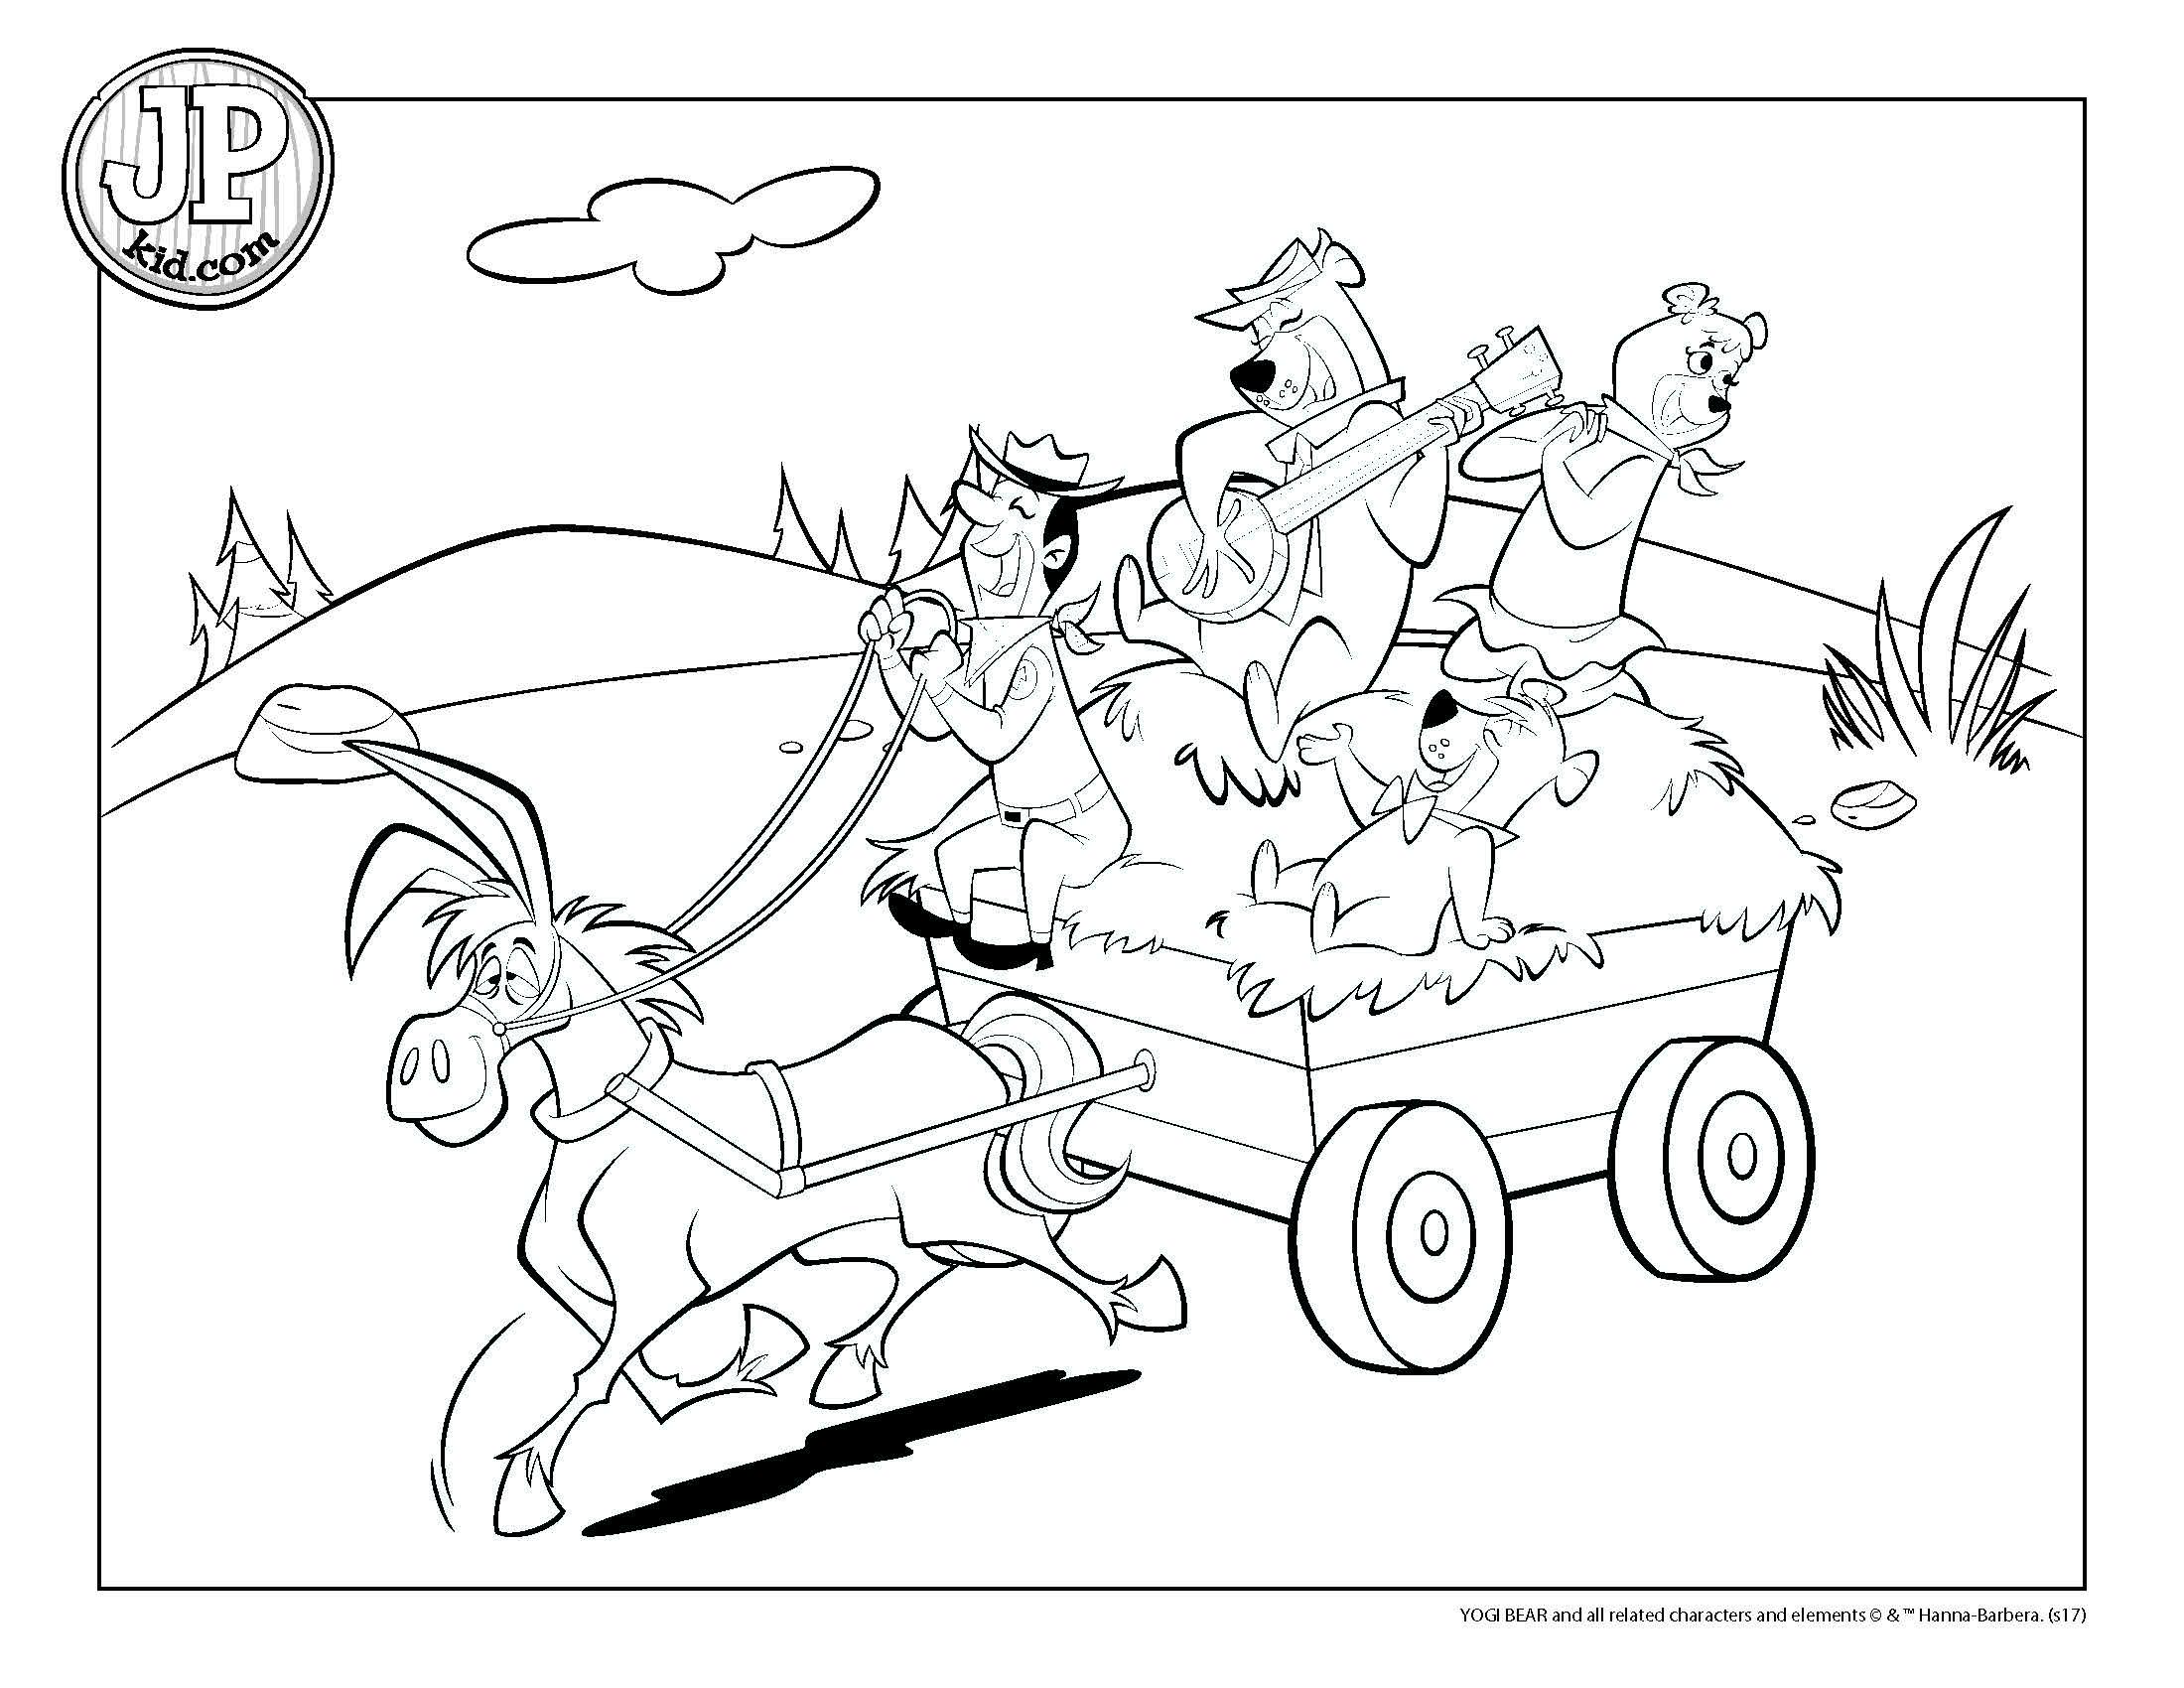 Yogi Bear Coloring Page Jpkid Coloring Page Heyride Yogi Bears Jellystone Park Tower Park